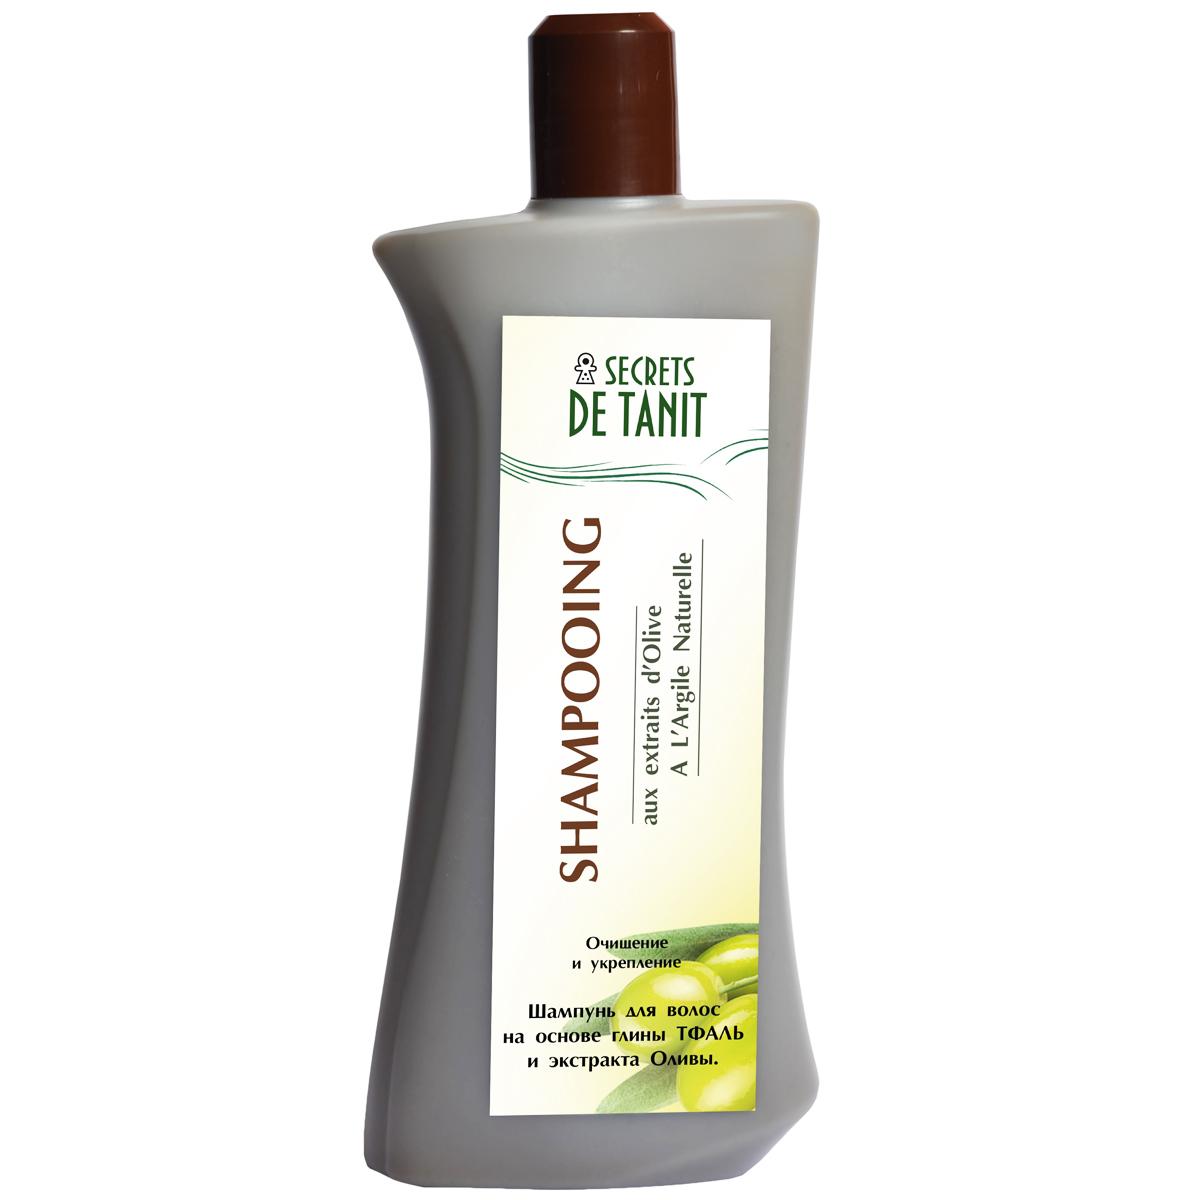 Secrets de Tanit Шампунь с Тфалью и маслом оливы, 400 млFS-00897Натуральный шампунь  Secrets de Tanitна основе глины Тфаль(Гассуль ) вулканического происхождения деликатно очищает волосы от загрязнений и осуществляетделикатный пилинг кожи головы. Масло оливы, входящее в состав шампуня, питает волосы, насыщает витаминами А, Е,защищает волосы от негативного воздействия окружающей среды. В результате мытья волосыуплотняются, приобретают блеск и сияние.